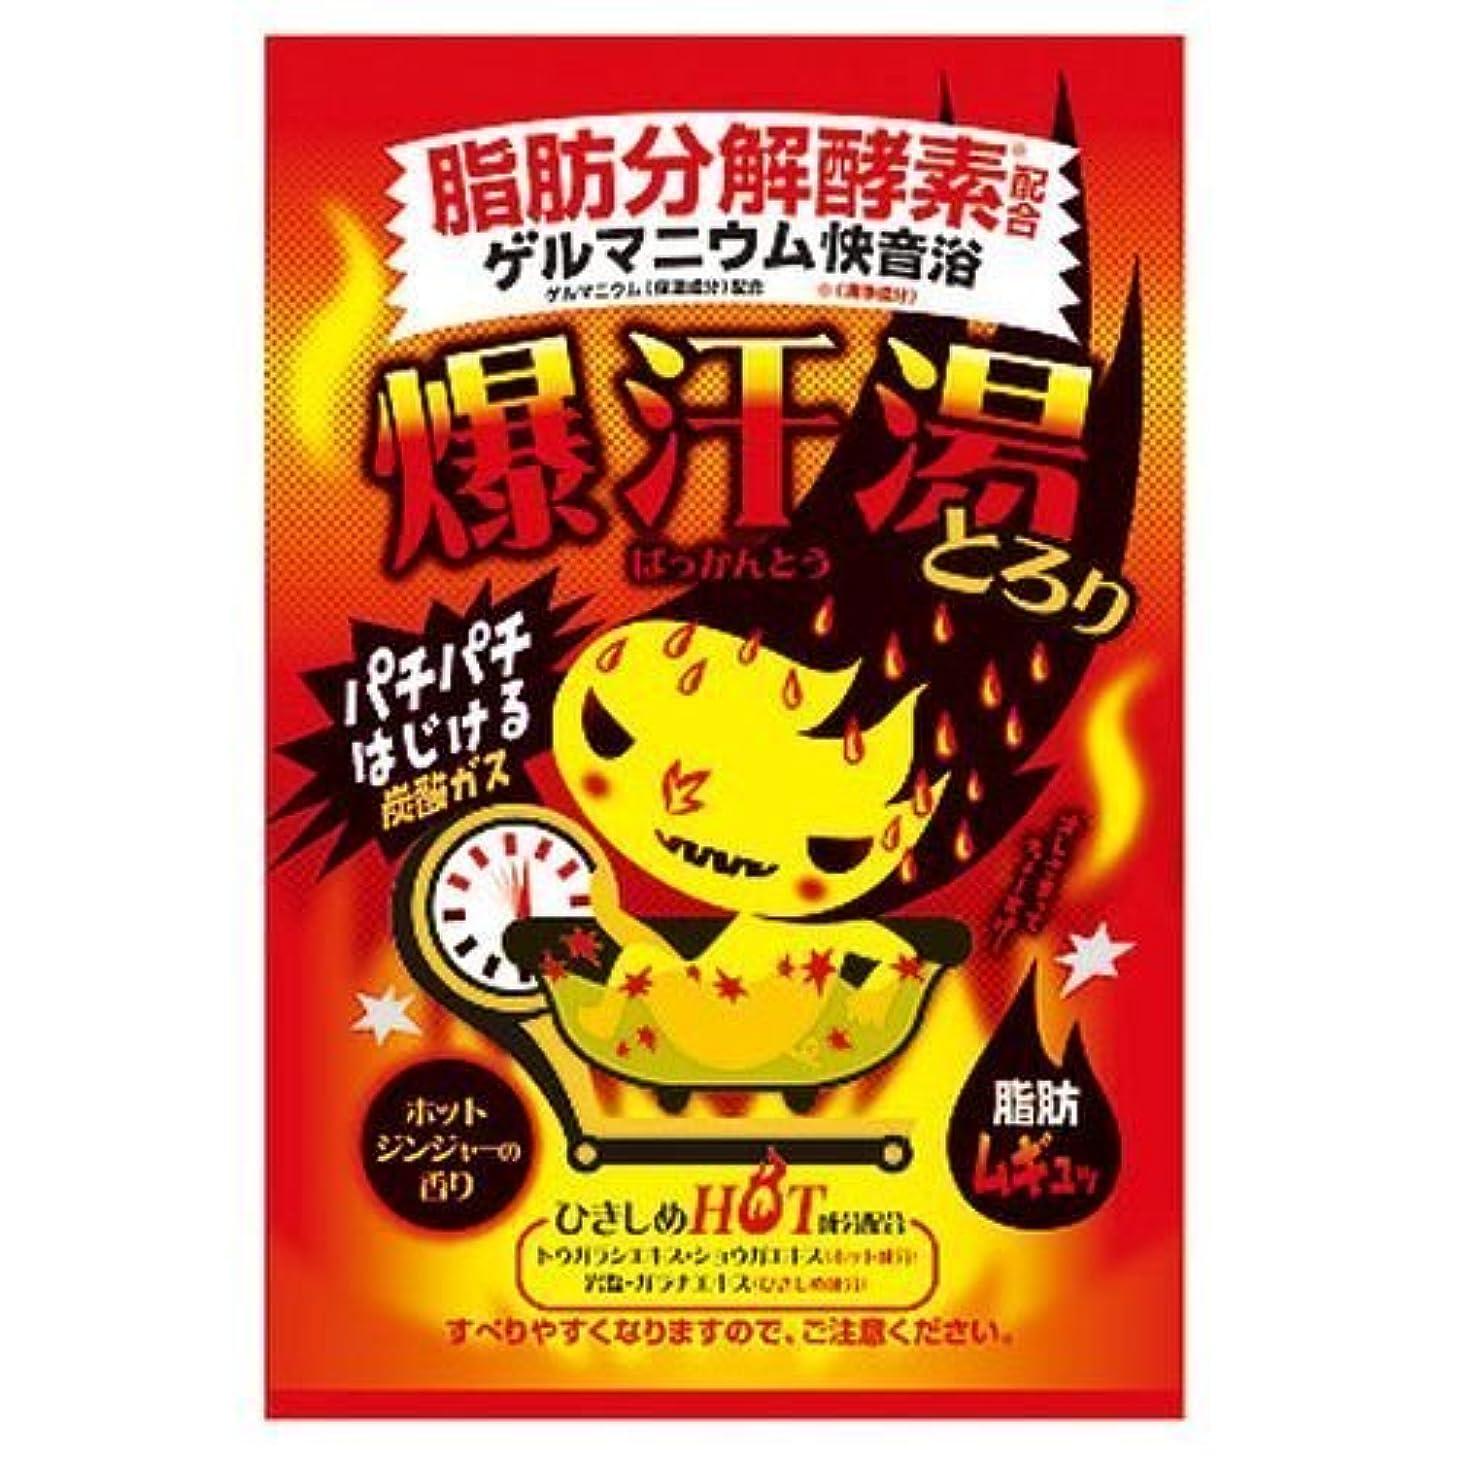 芝生ハウジング特定の爆汗湯 ゲルマニウム快音浴 とろり ホットジンジャーの香り(入浴剤)